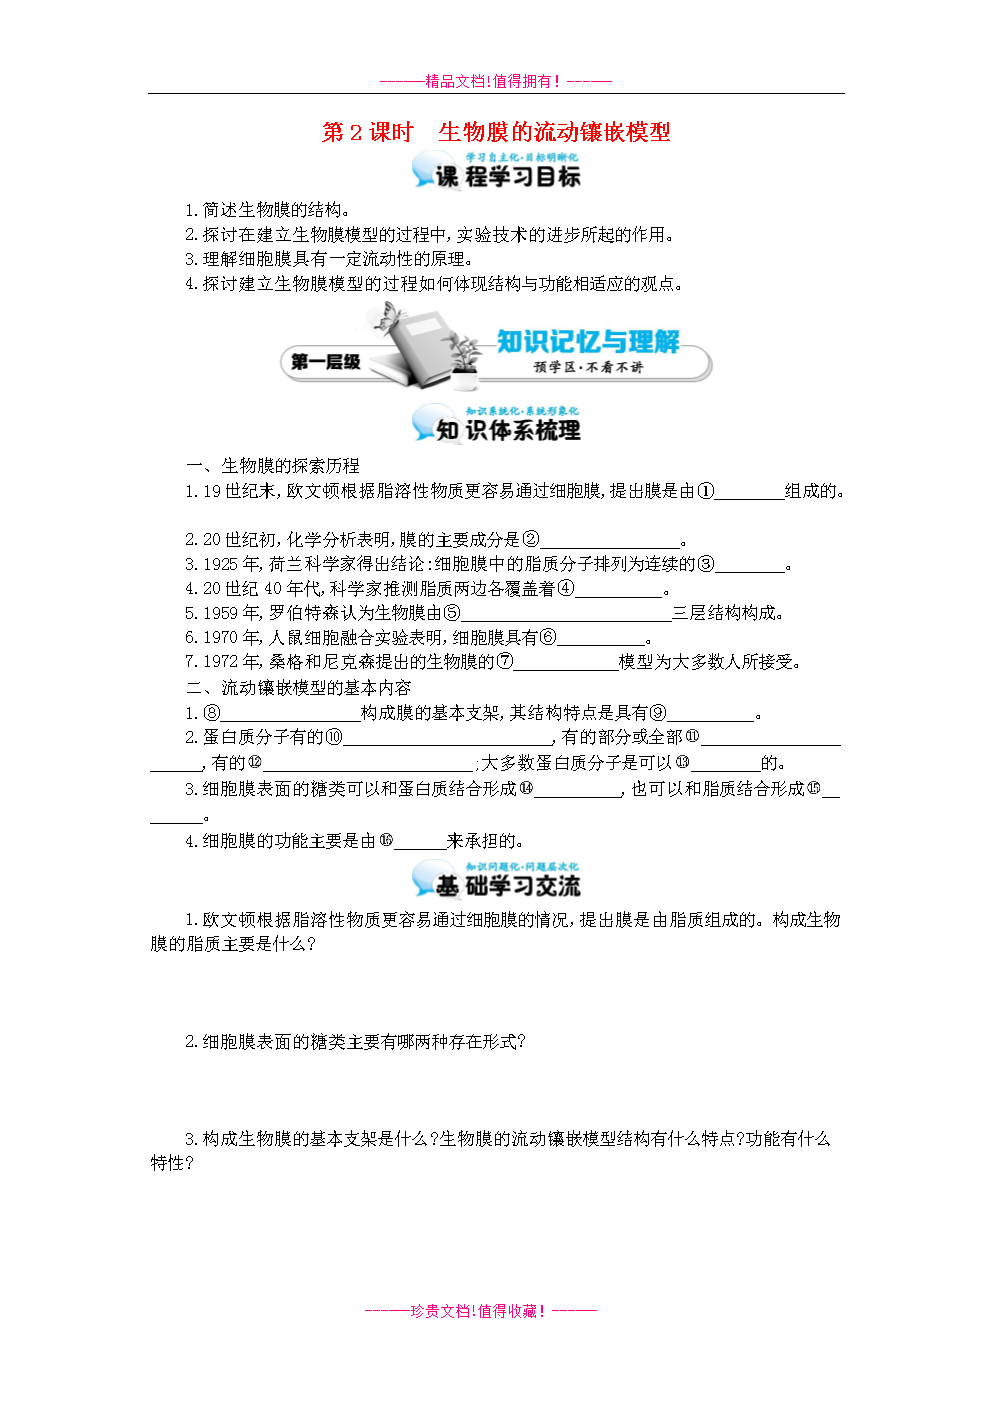 【多彩数学】2015-2016高中生物课堂第4章第2高中选修2学年—图片